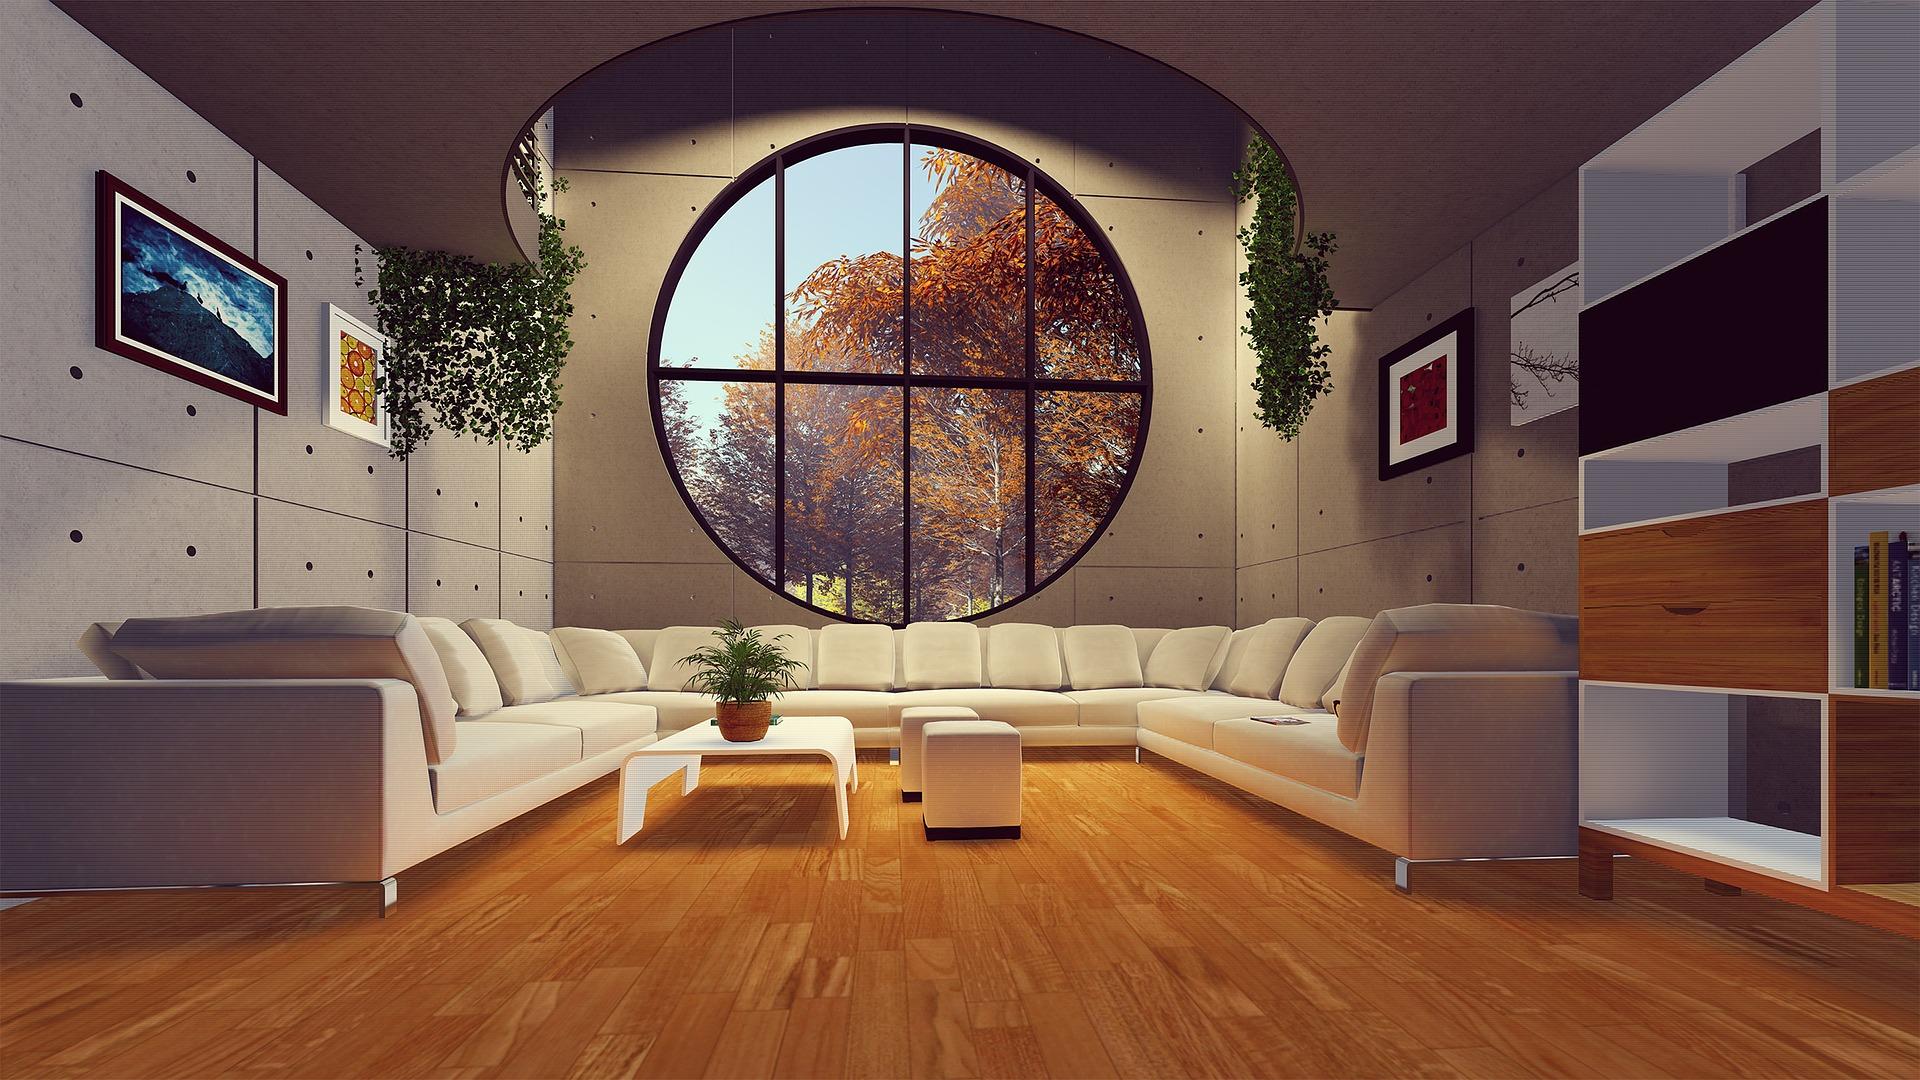 Foire aux questions sur la décoration d'intérieur